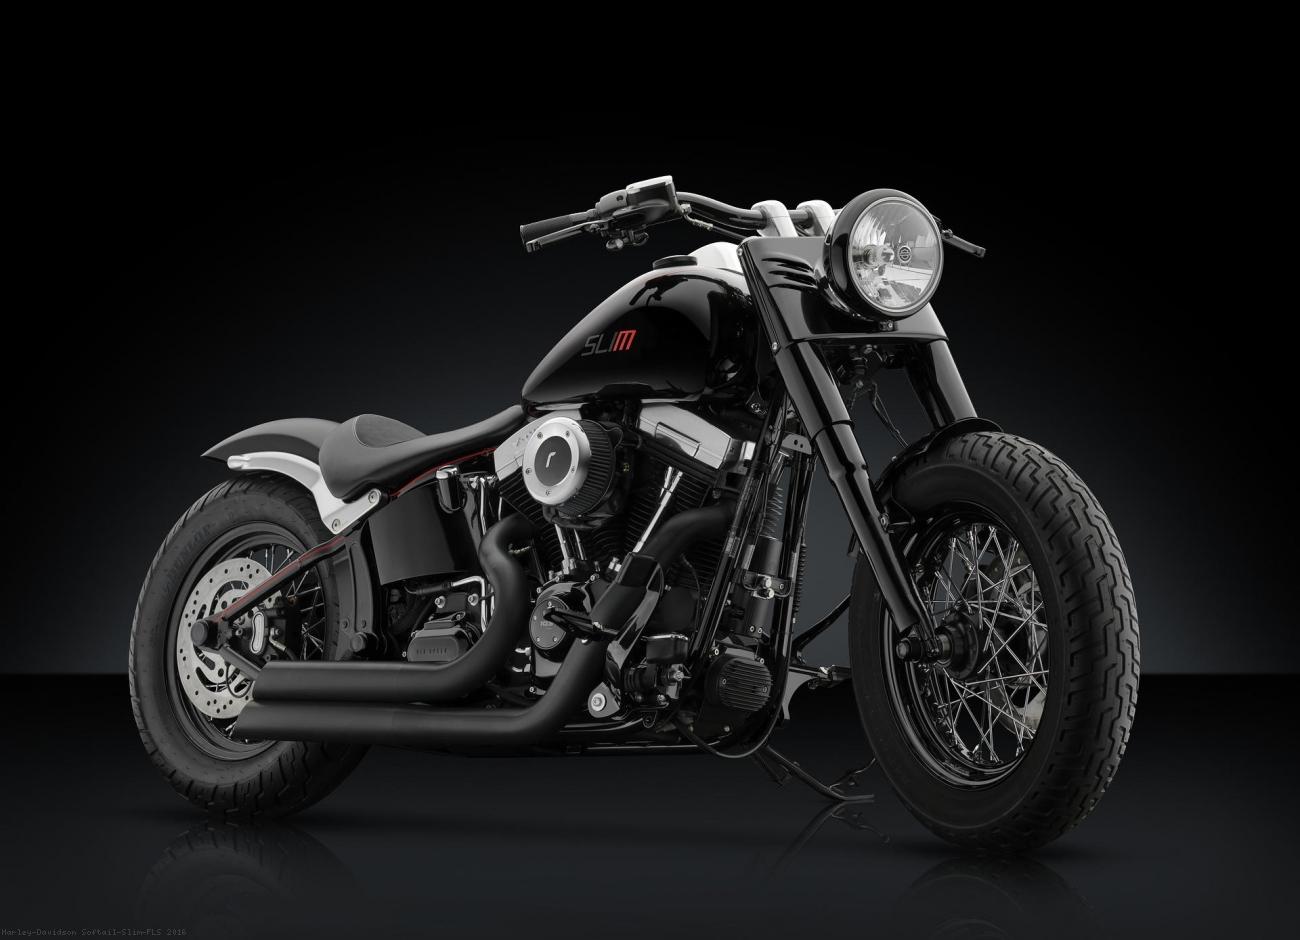 Harley Softail Fenders : Front fender by rizoma harley davidson softail slim fls